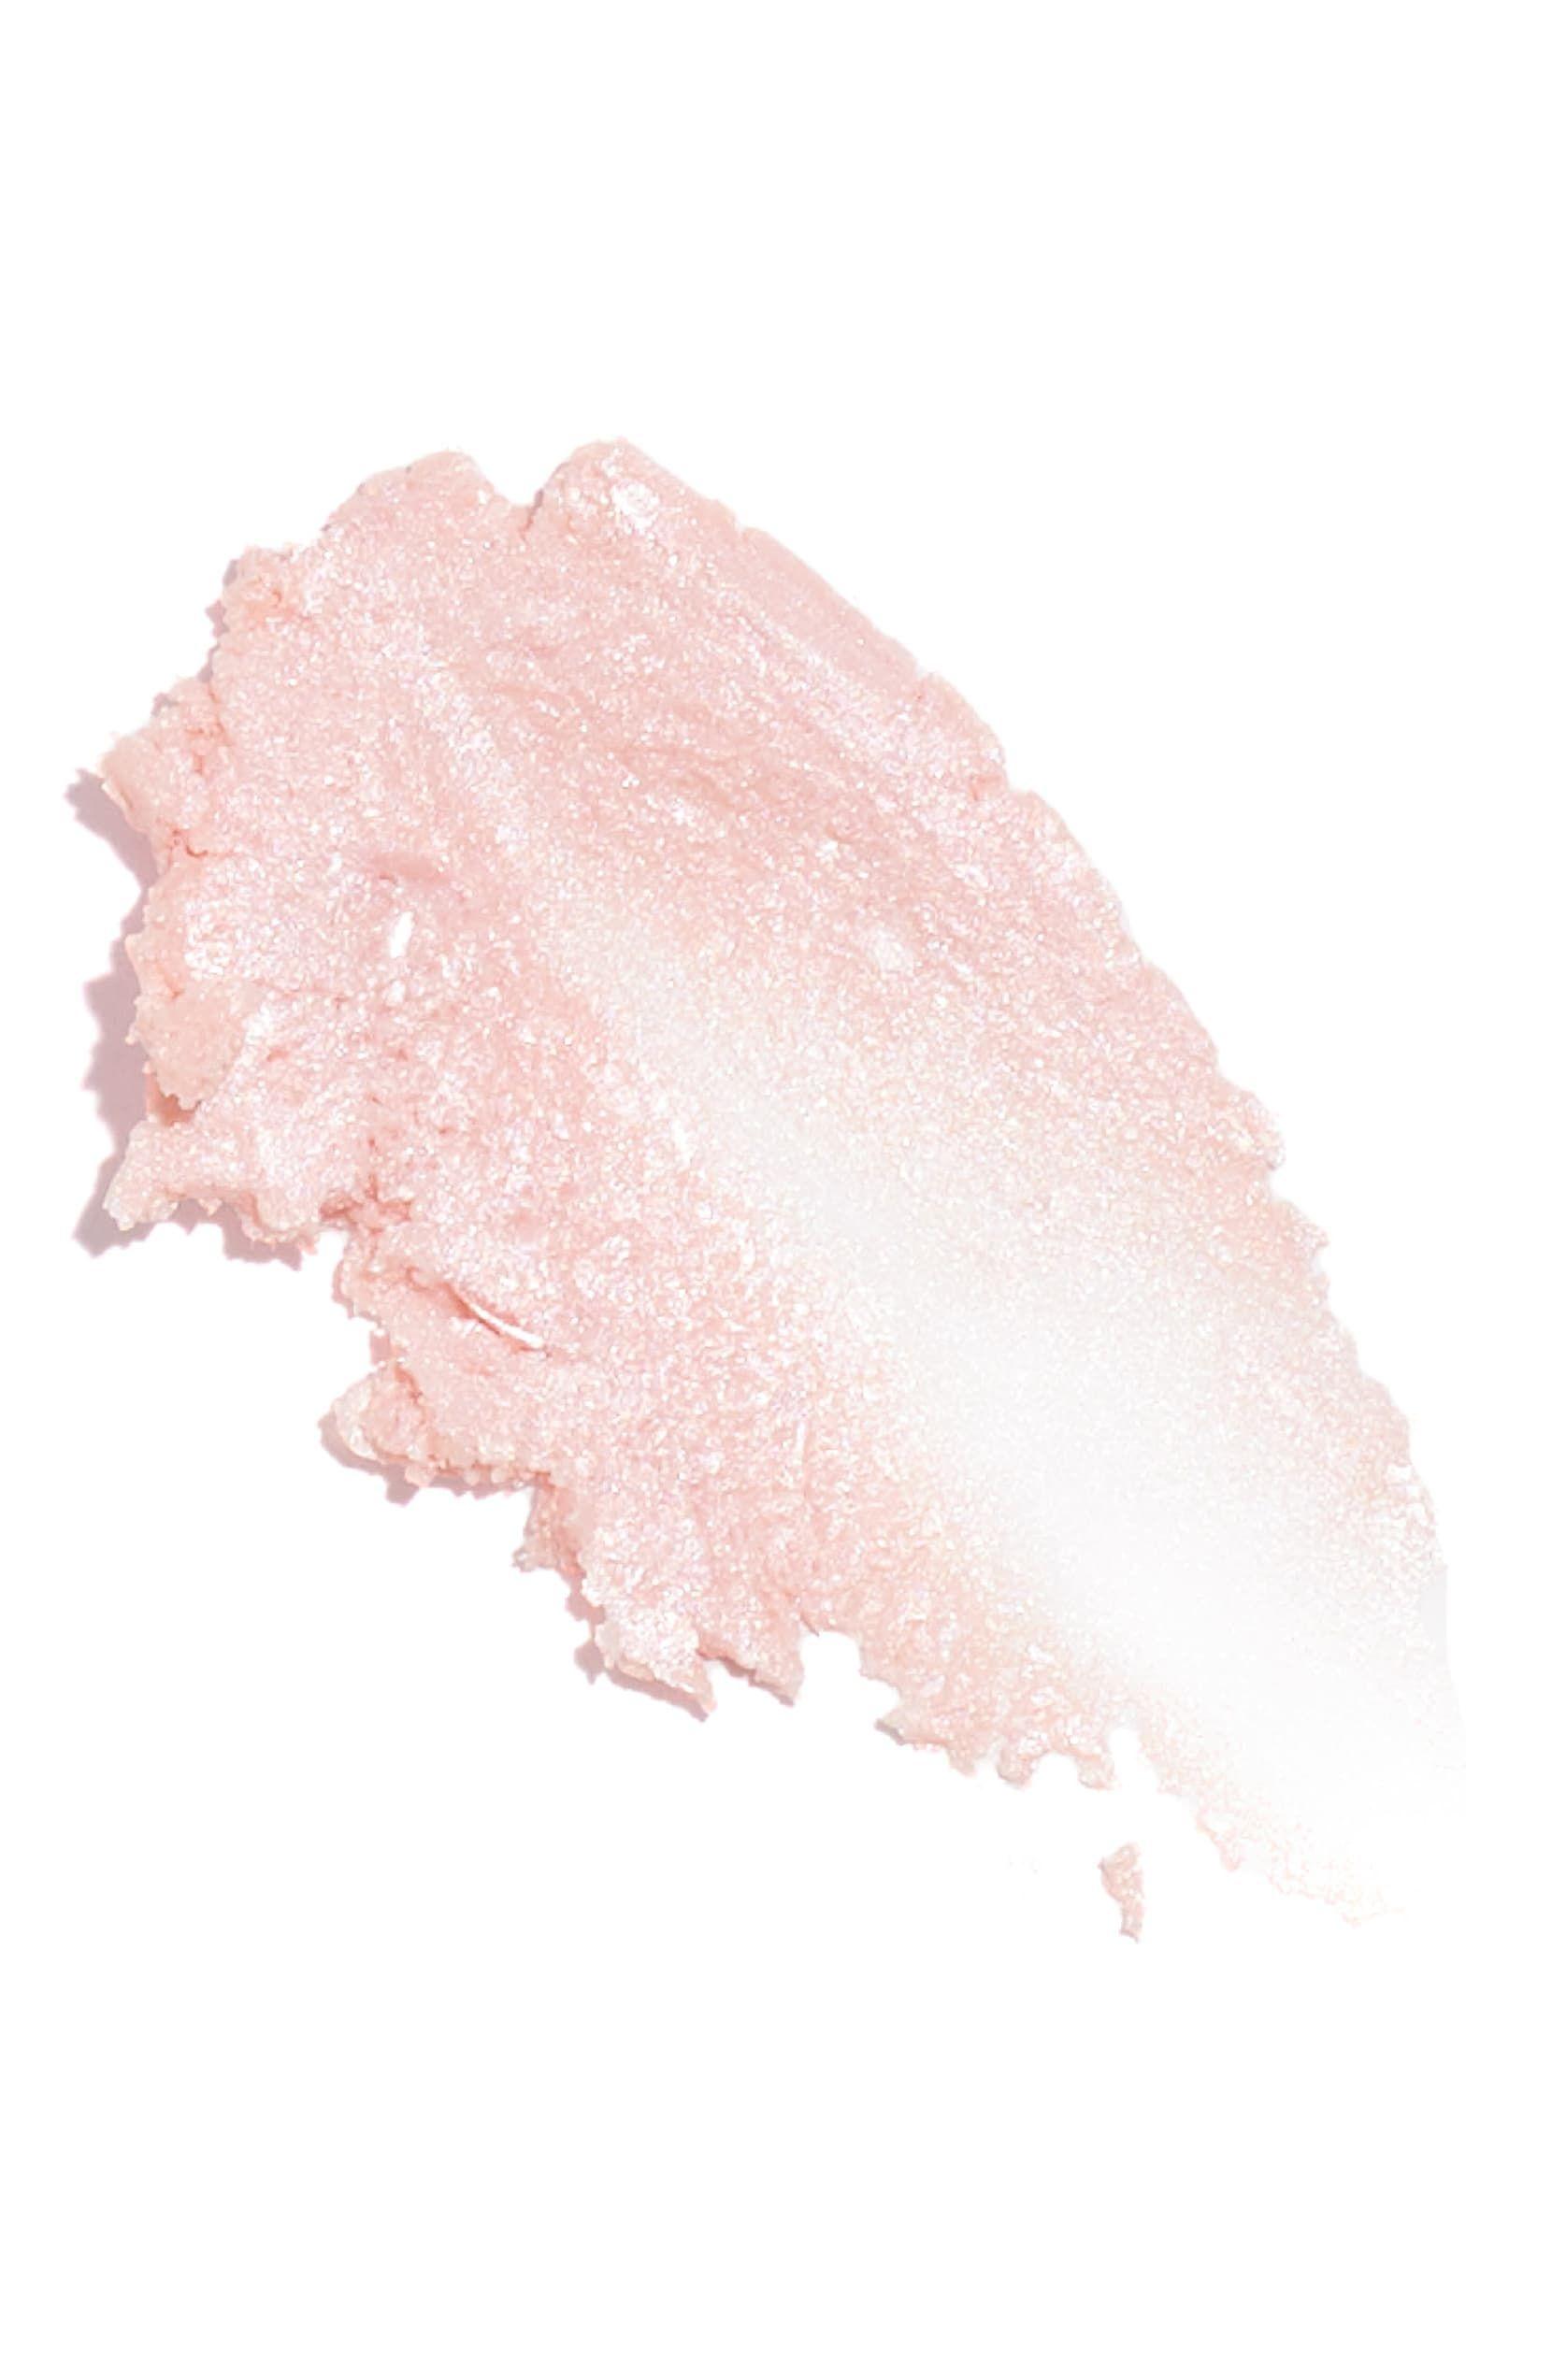 Rose Glow Get It Cooling Brightening Eye Balm Tula Skincare In